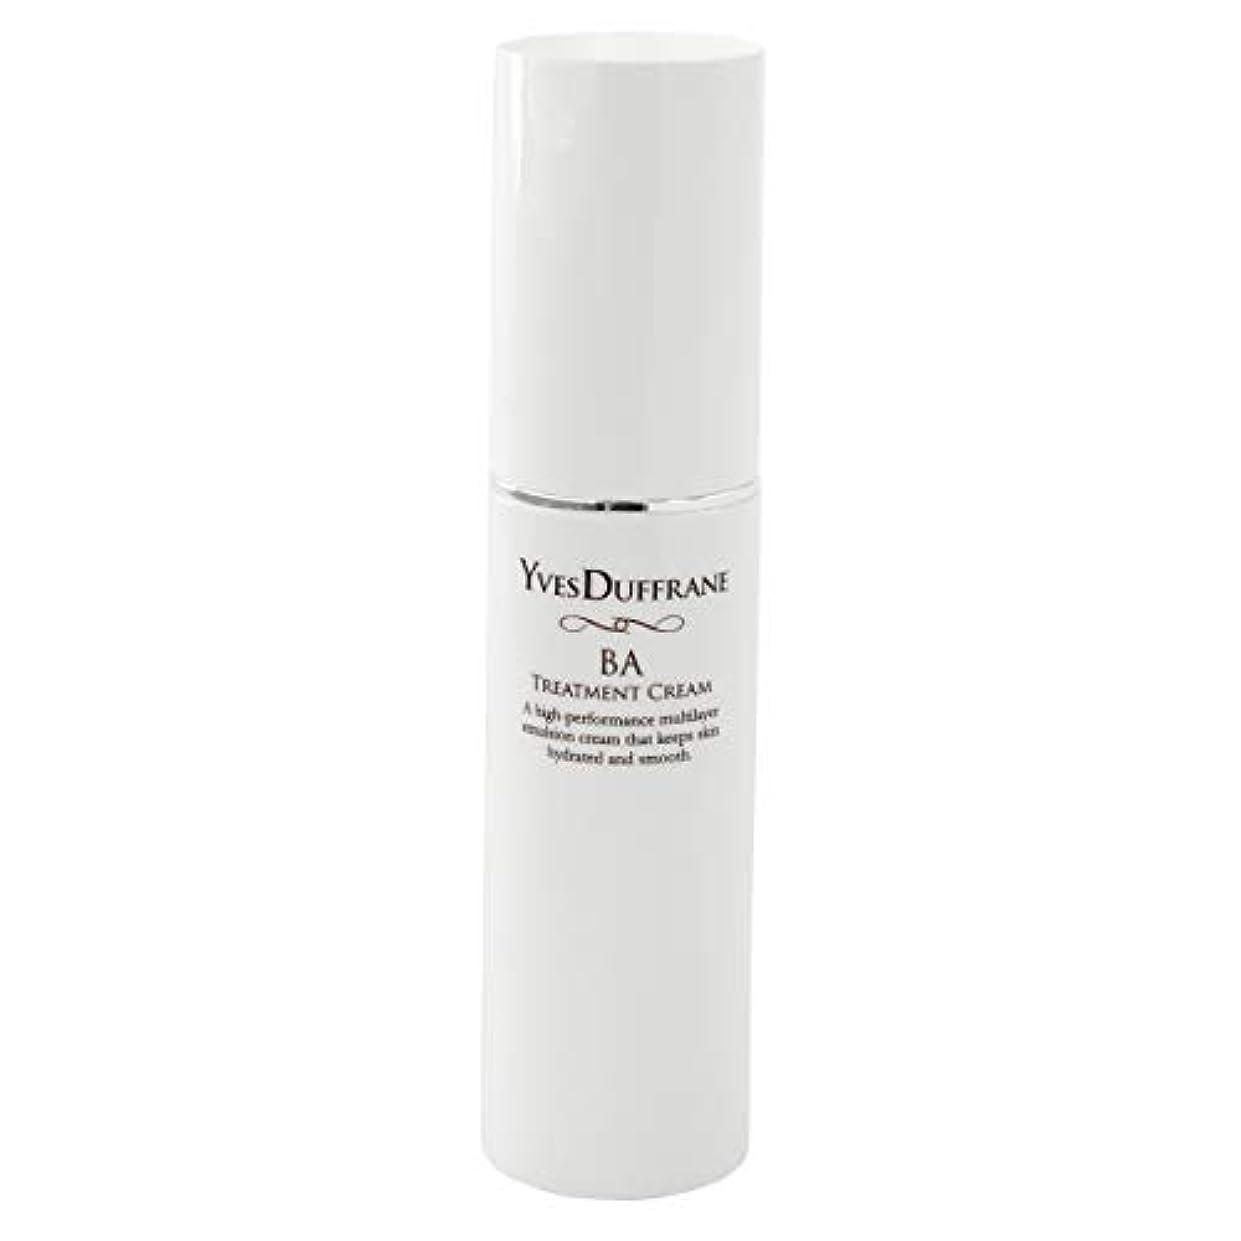 連結するベスト入手しますセラミド 美容クリーム [BAトリートメント クリーム ] 顔 目元 敏感肌 保湿 セラミド ビタミンC誘導体 バイオアンテージ配合